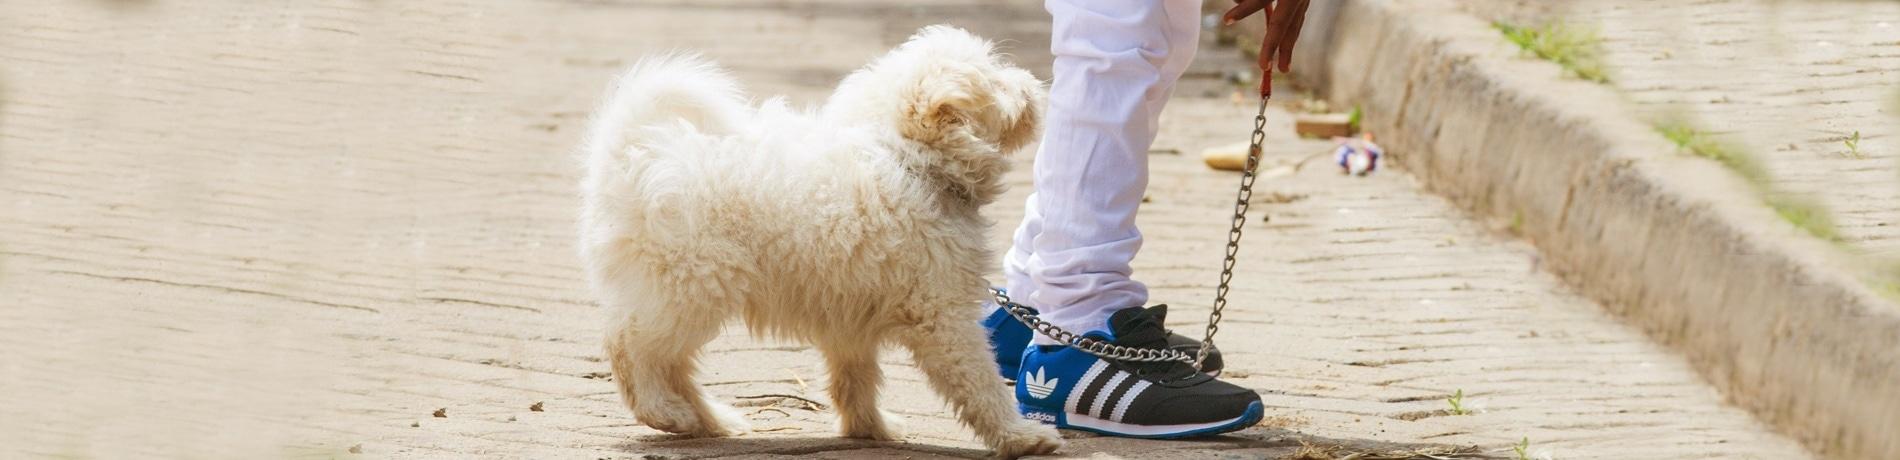 Puppy uitlaten